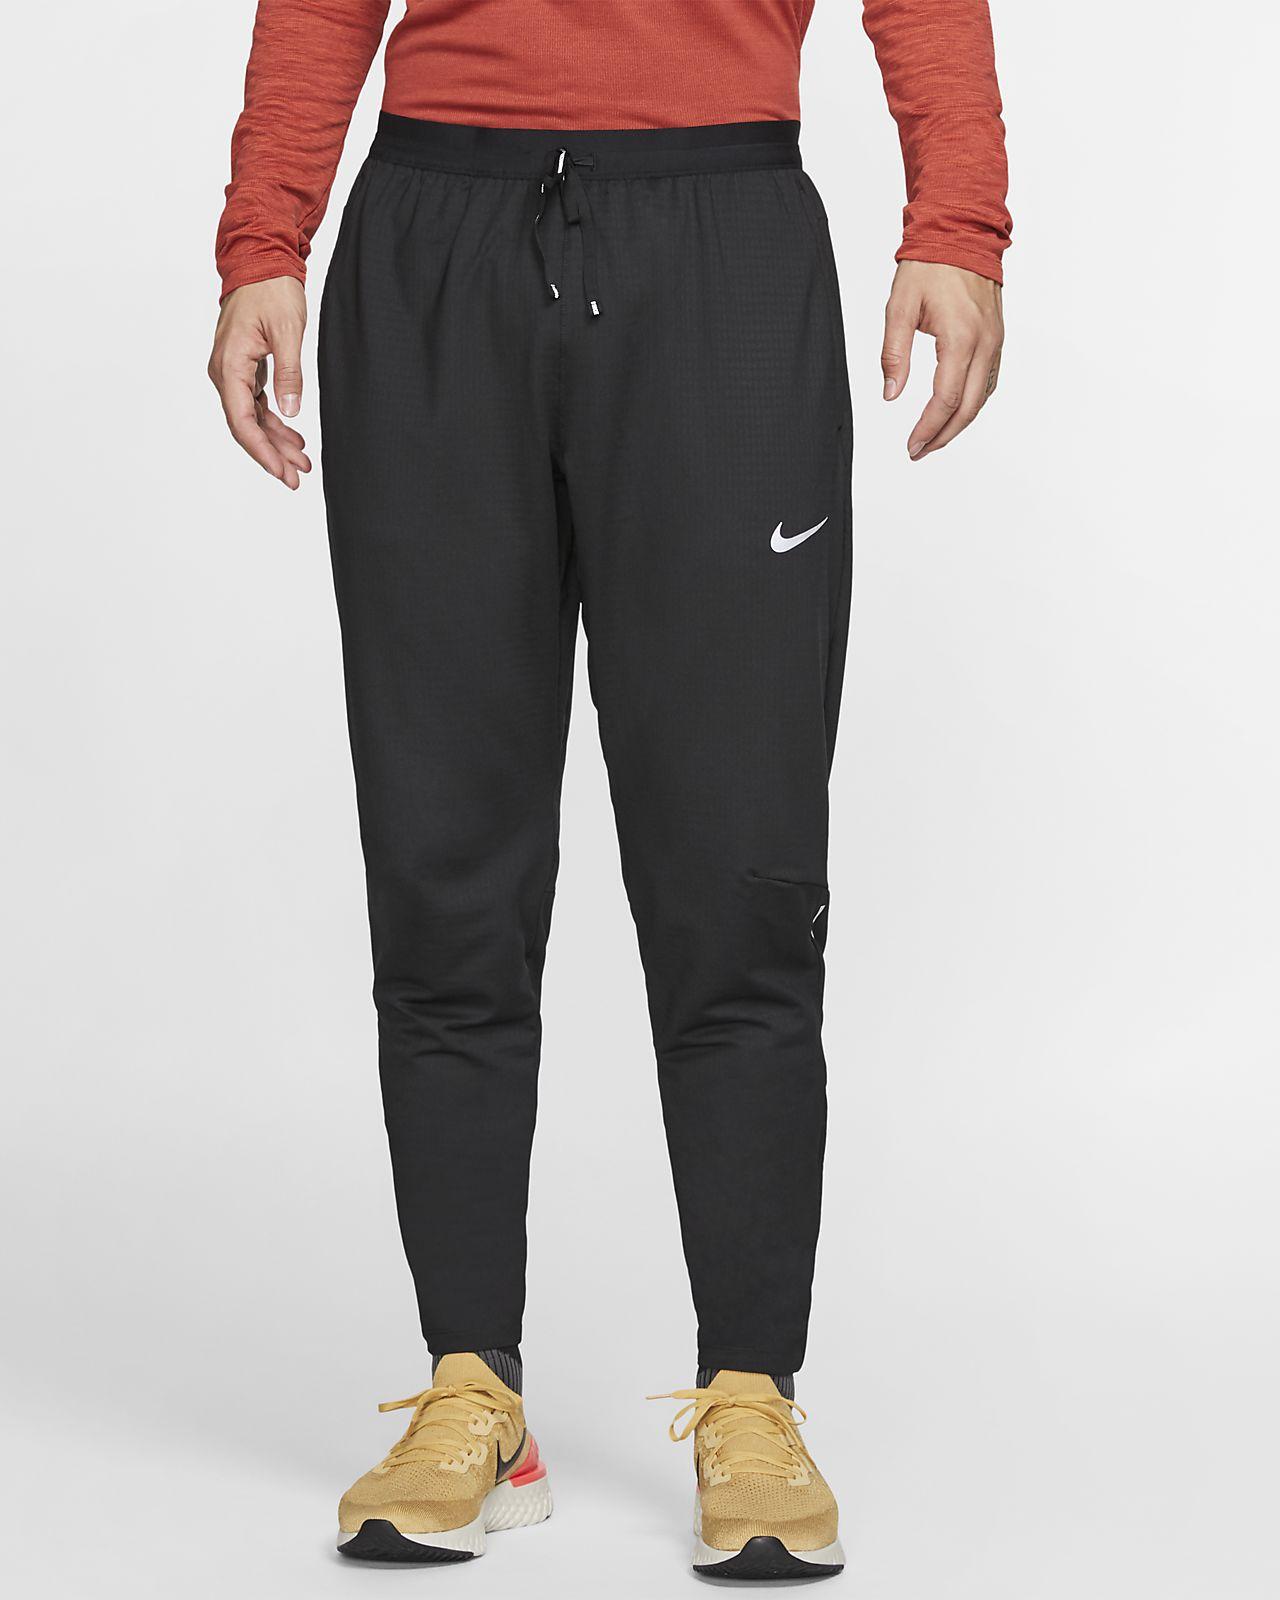 Nike Phenom Strick Laufhose für Herren